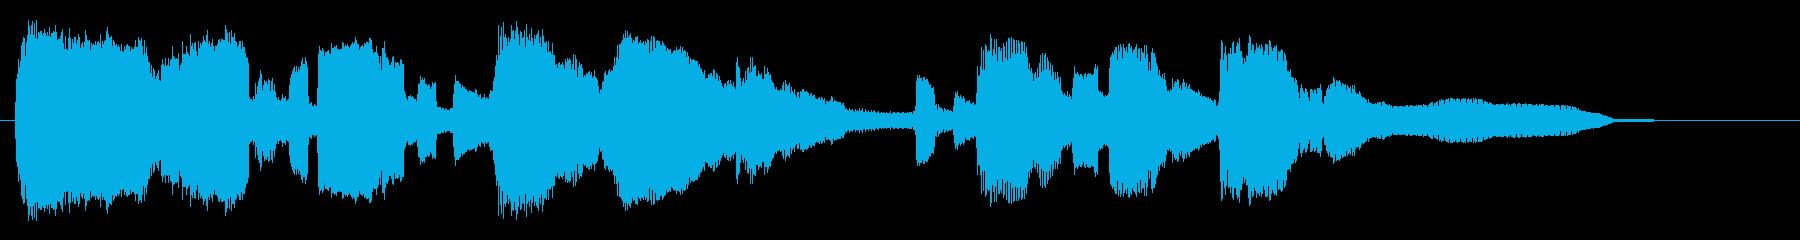 官能的なサックスの15秒ジングル、CMにの再生済みの波形